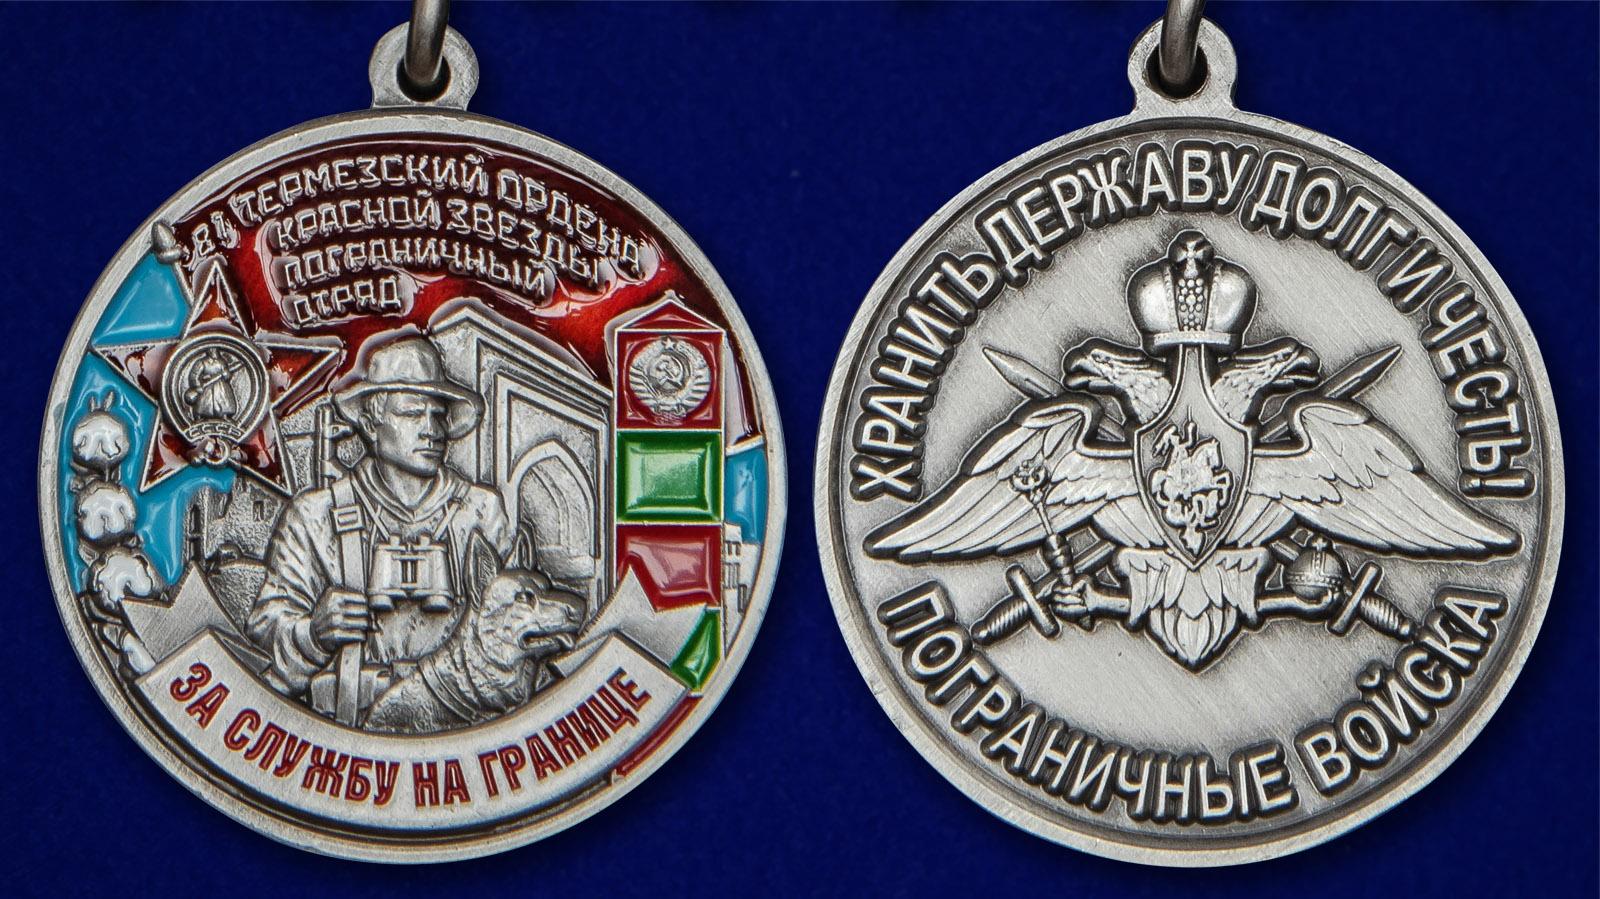 Наградная медаль За службу в Термезском пограничном отряде - аверс и реверс